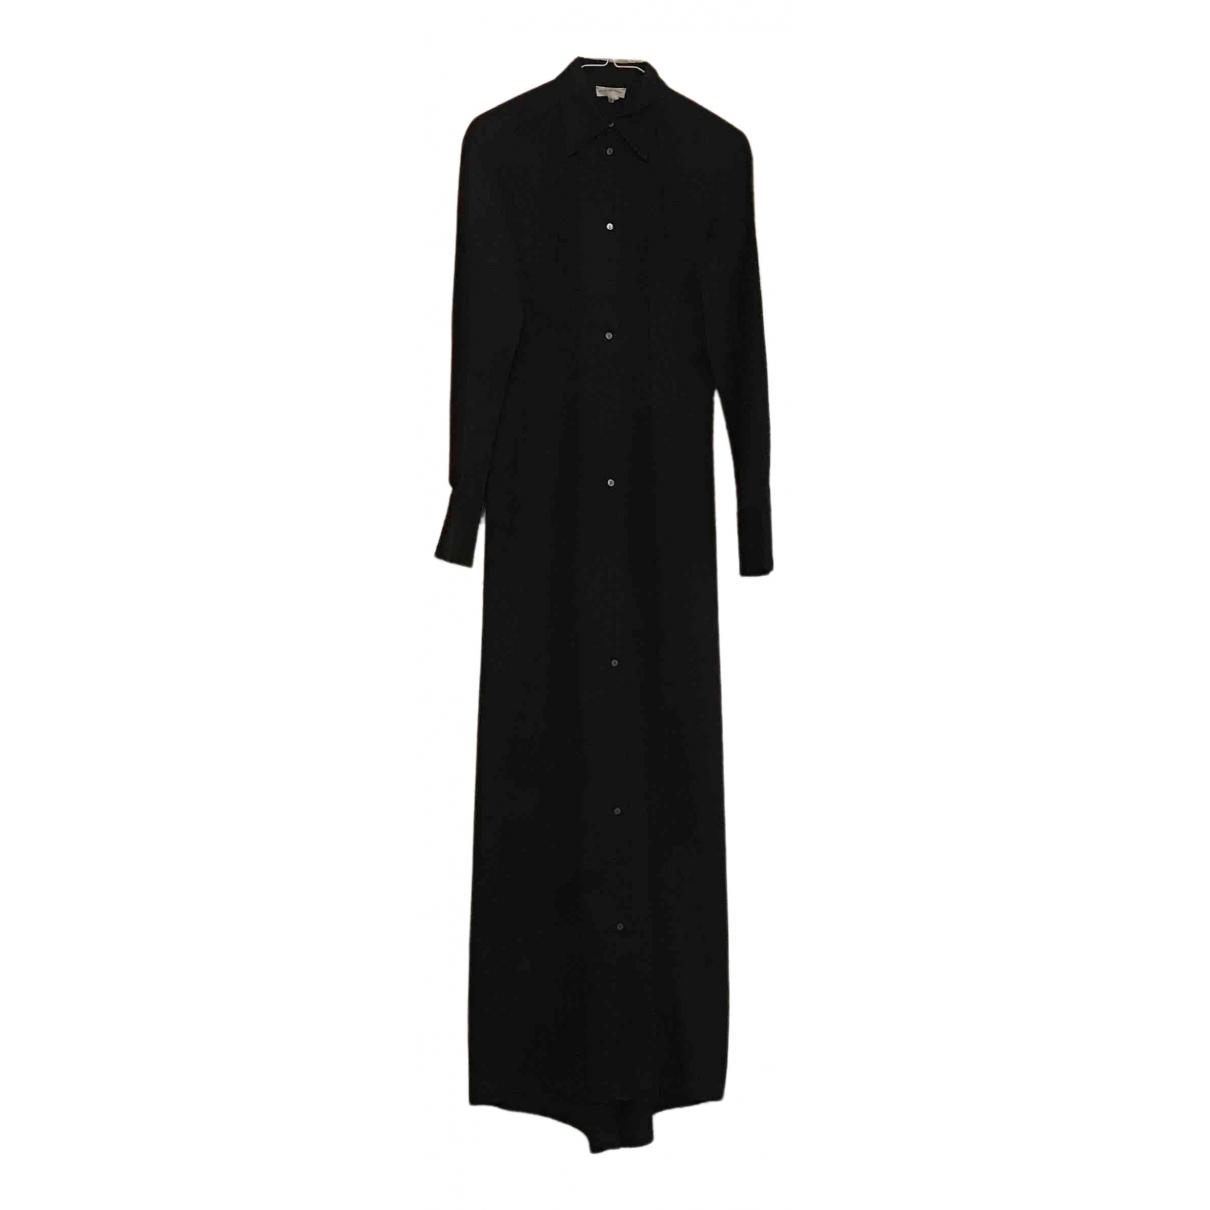 Dries Van Noten Maxi dress